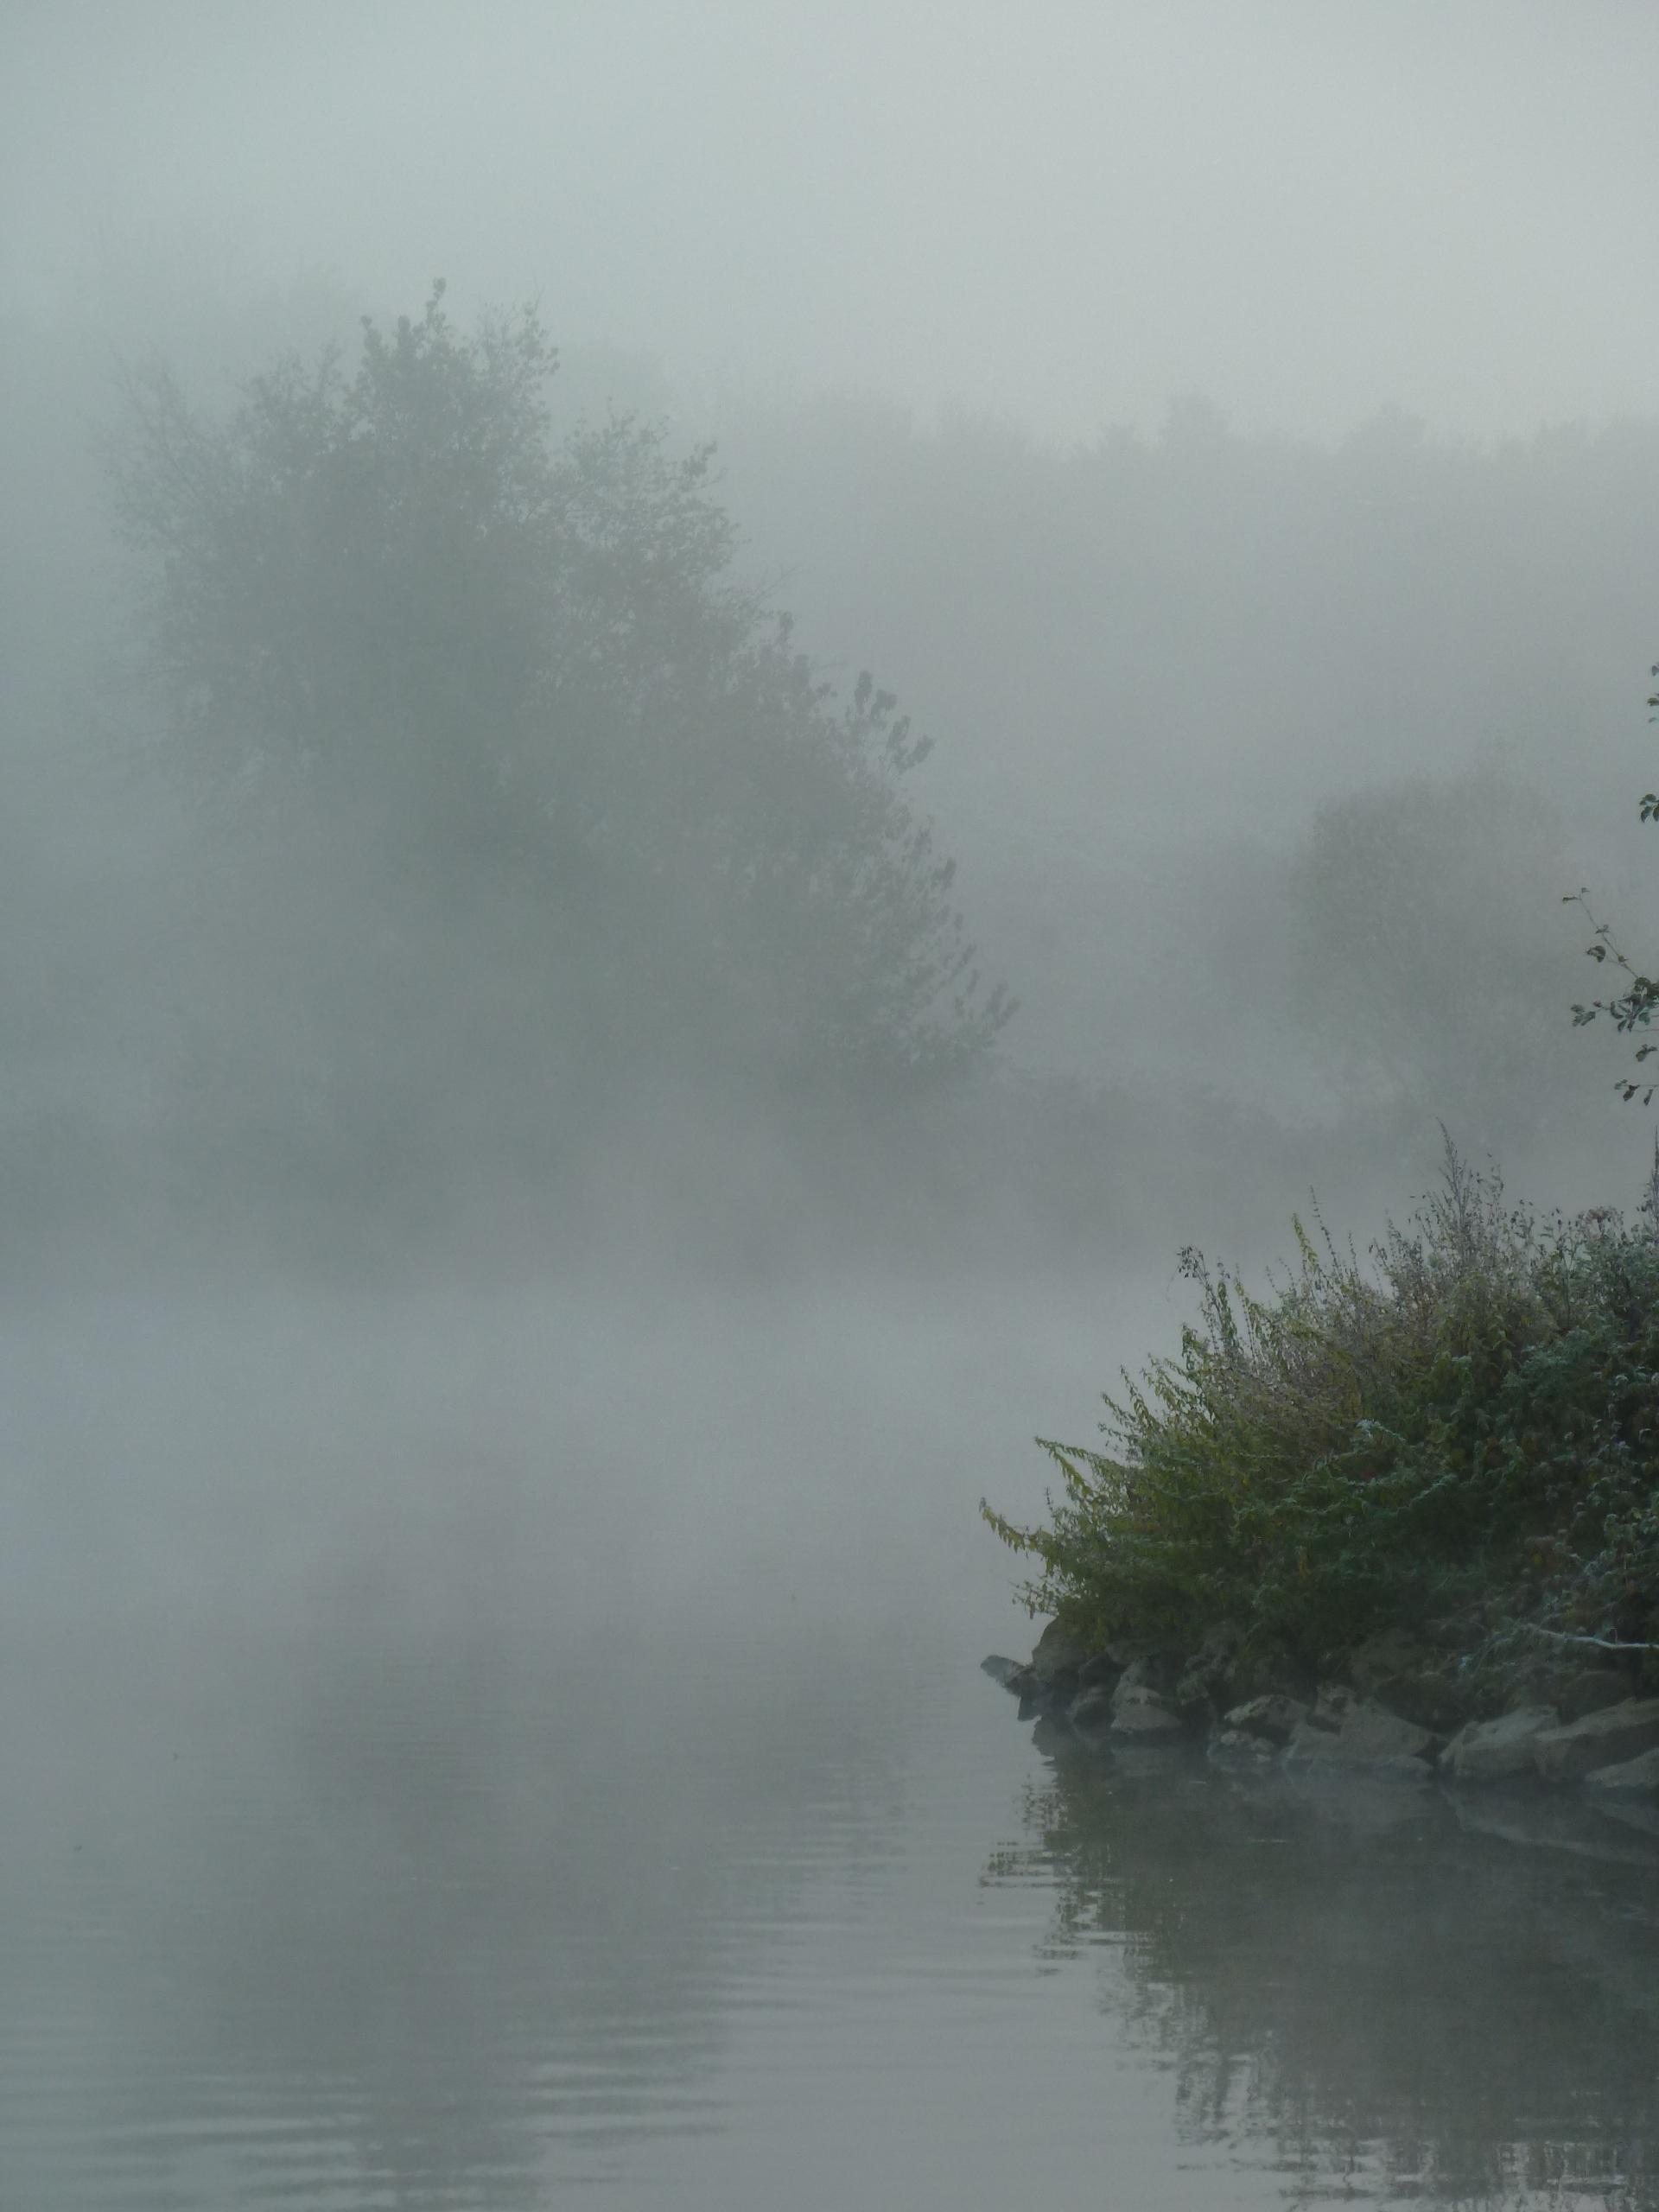 картинки сильного тумана промежуточный